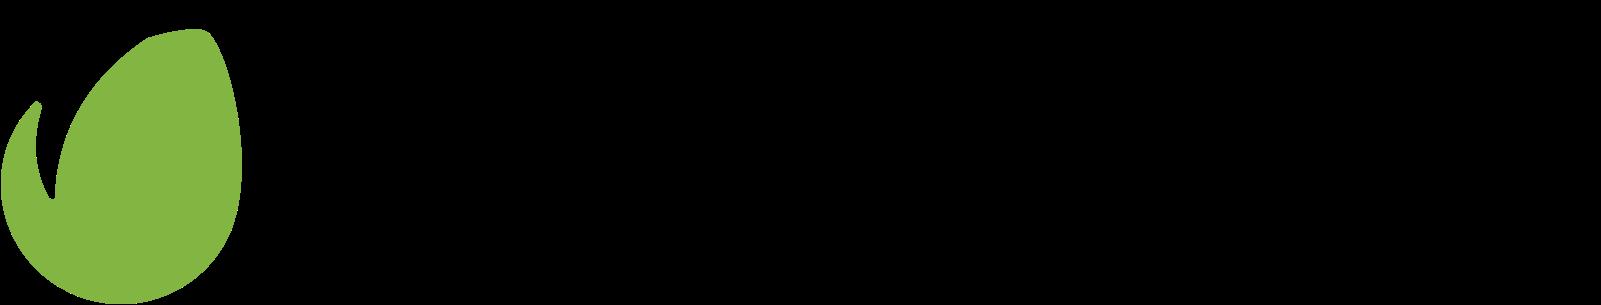 Envato Logo PNG